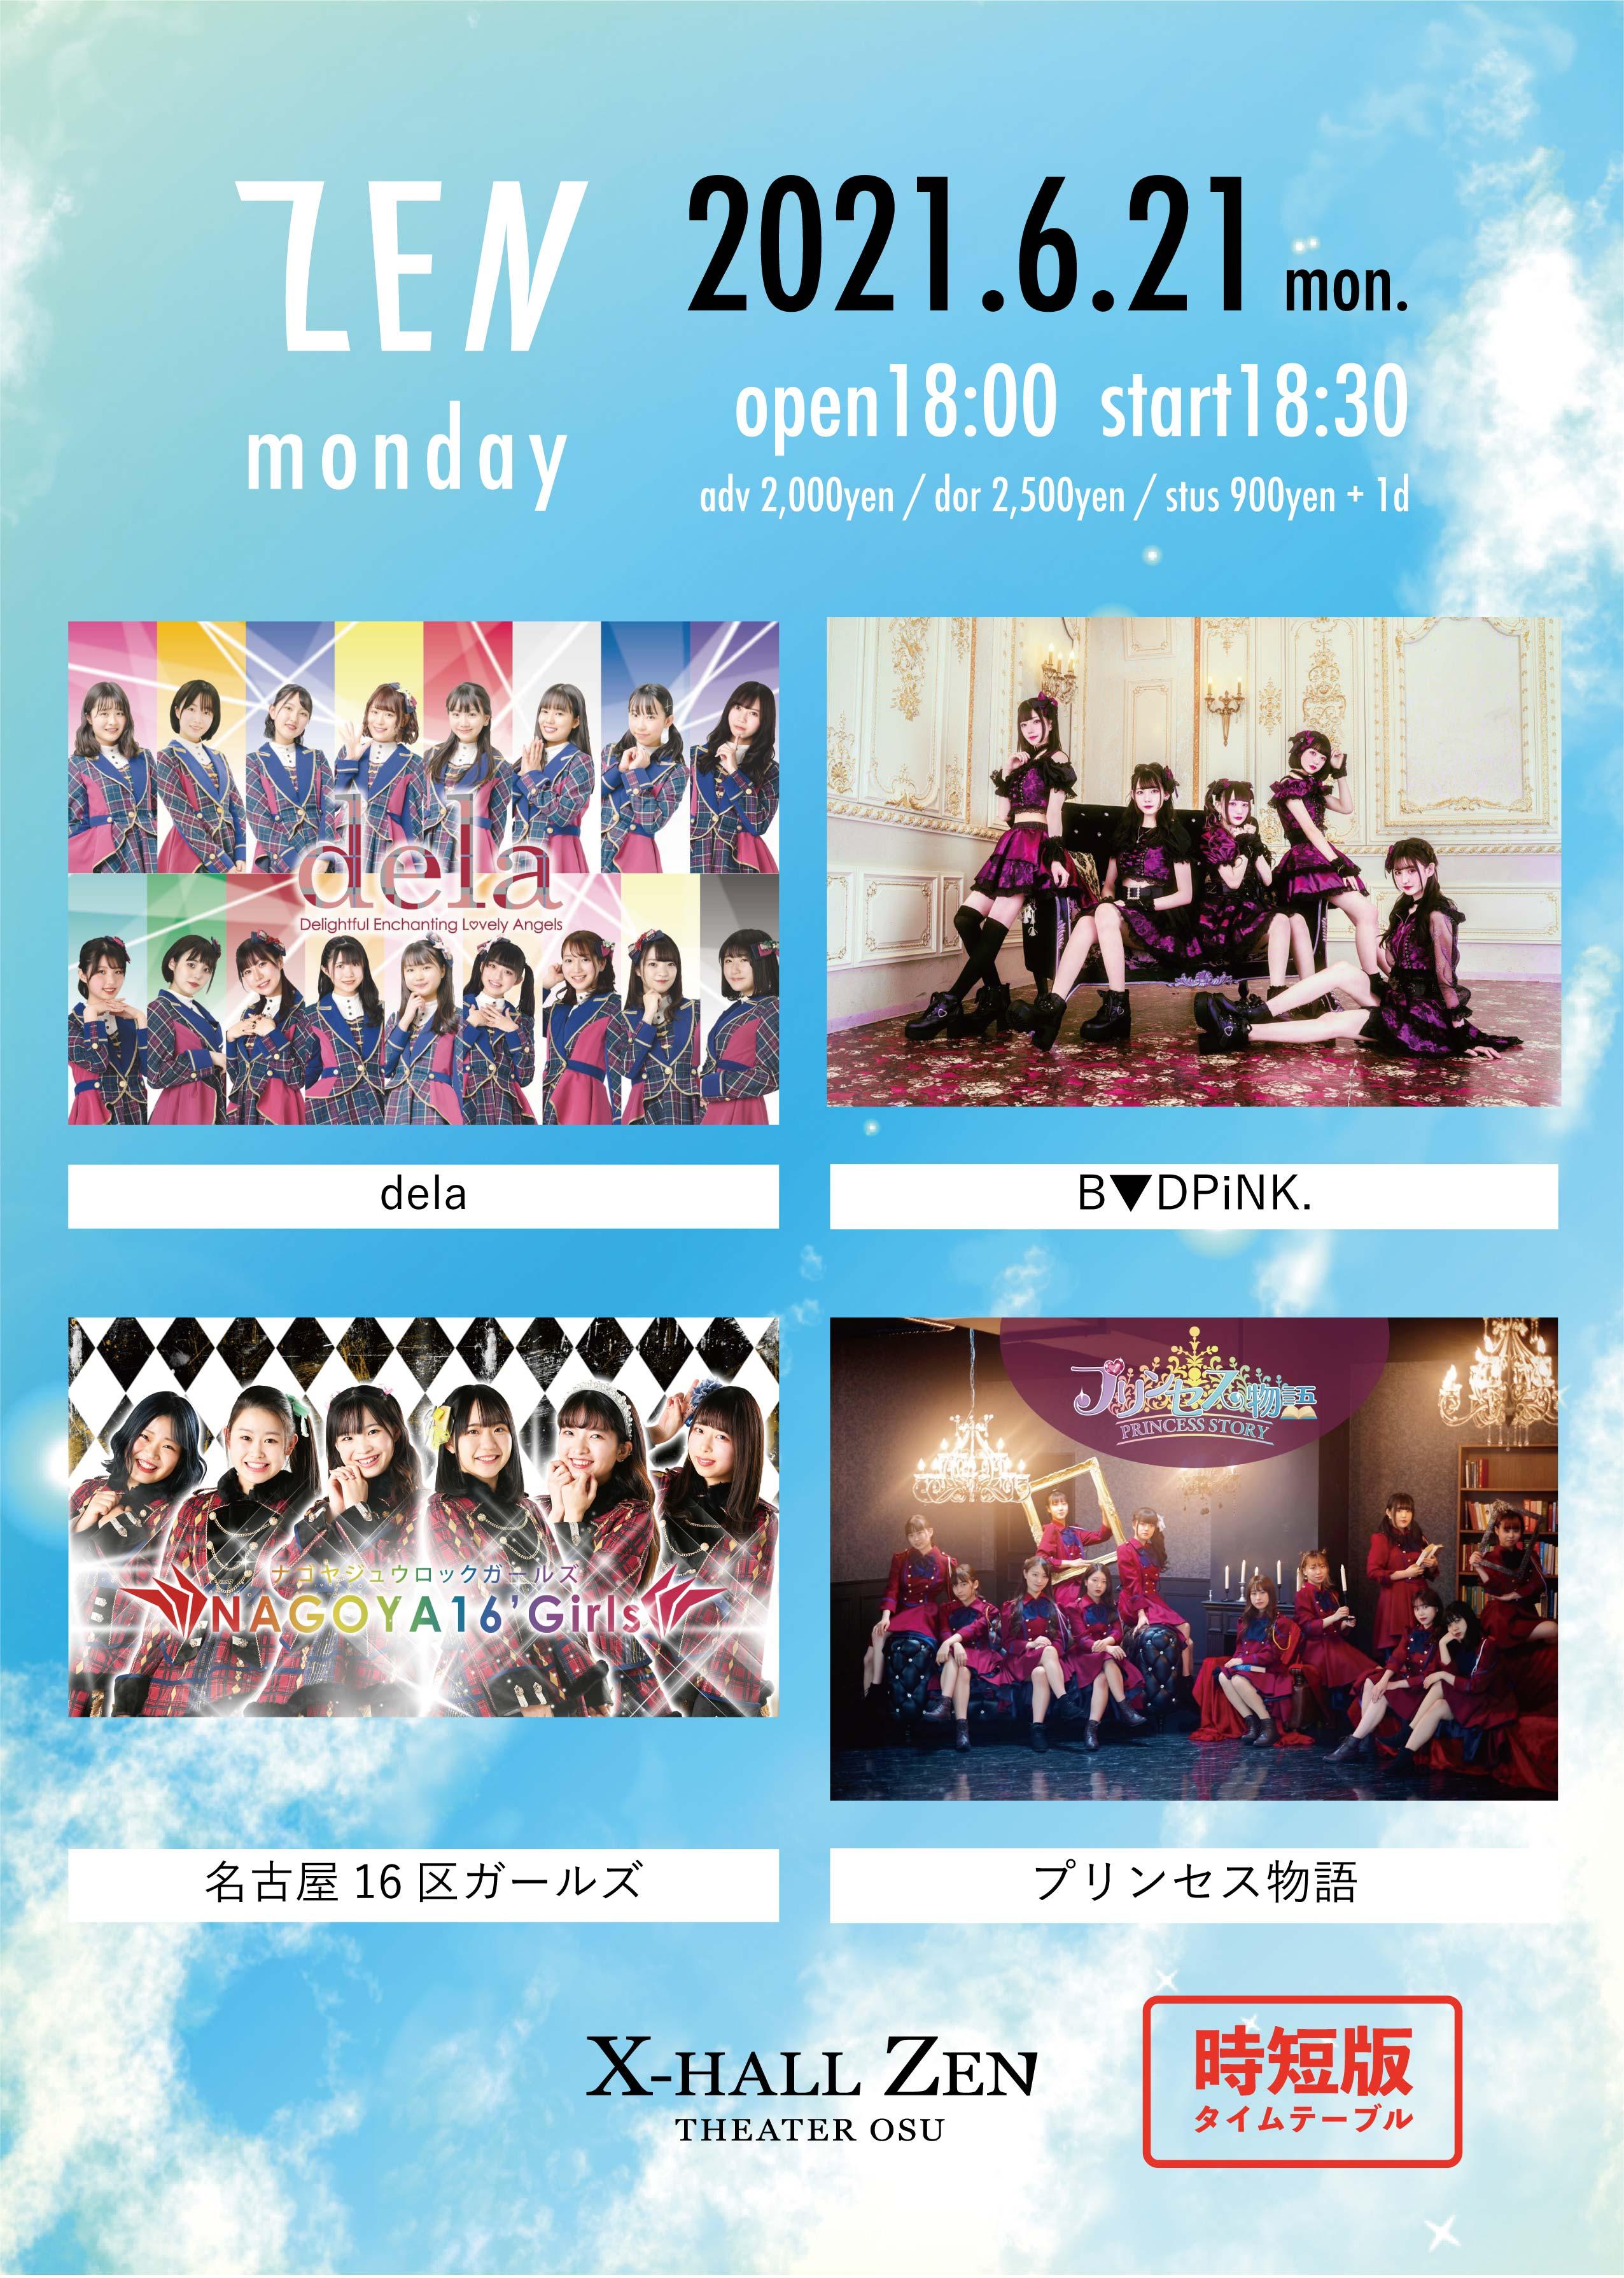 『ZEN monday』 名古屋X-HALL ZENで開催するアイドルライブ!